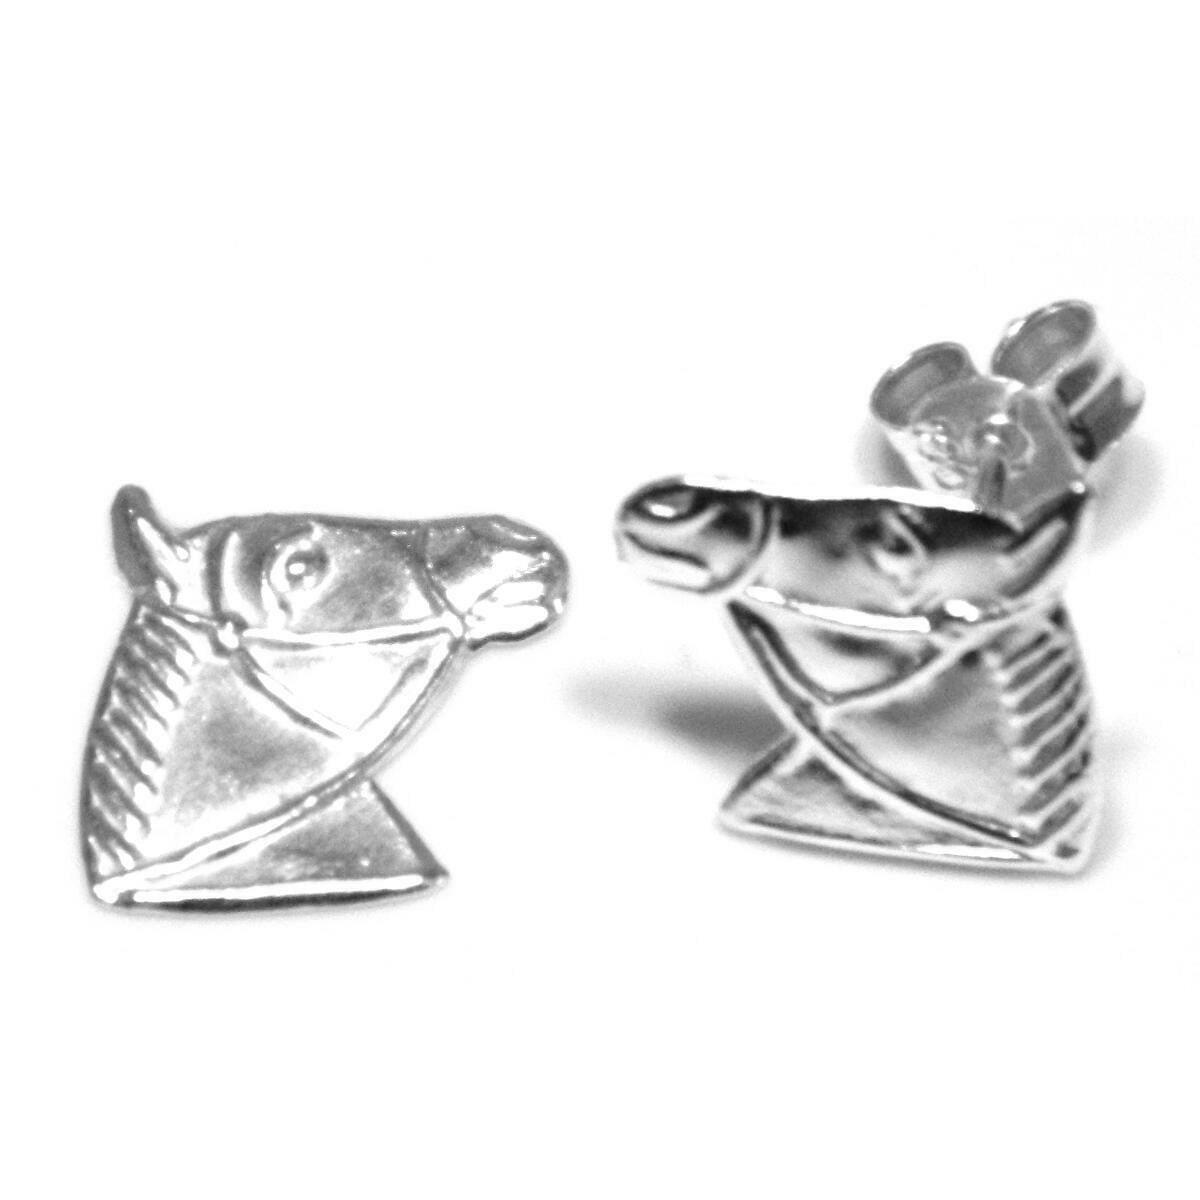 Horse head stud earrings in sterling silver